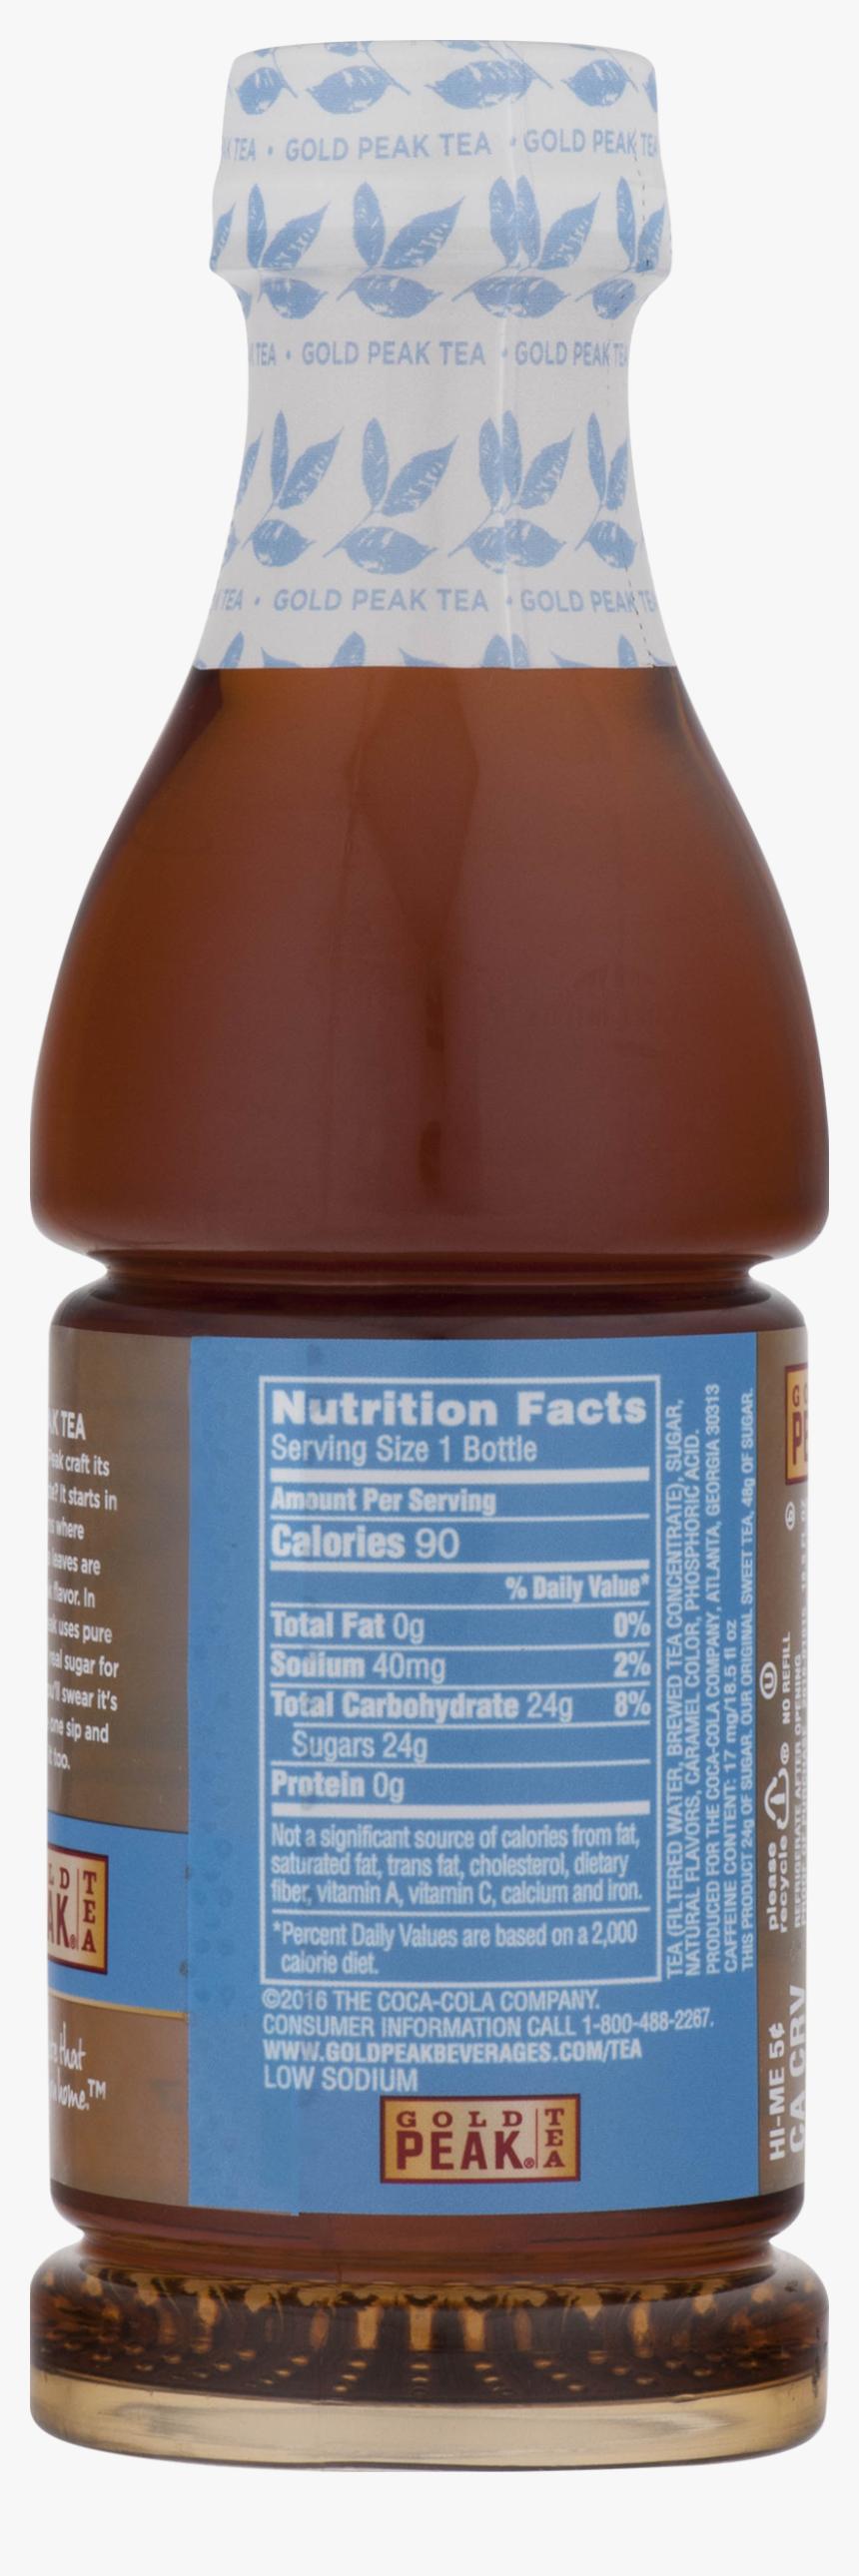 Gold Peak Sweet Tea Nutrition Label, HD